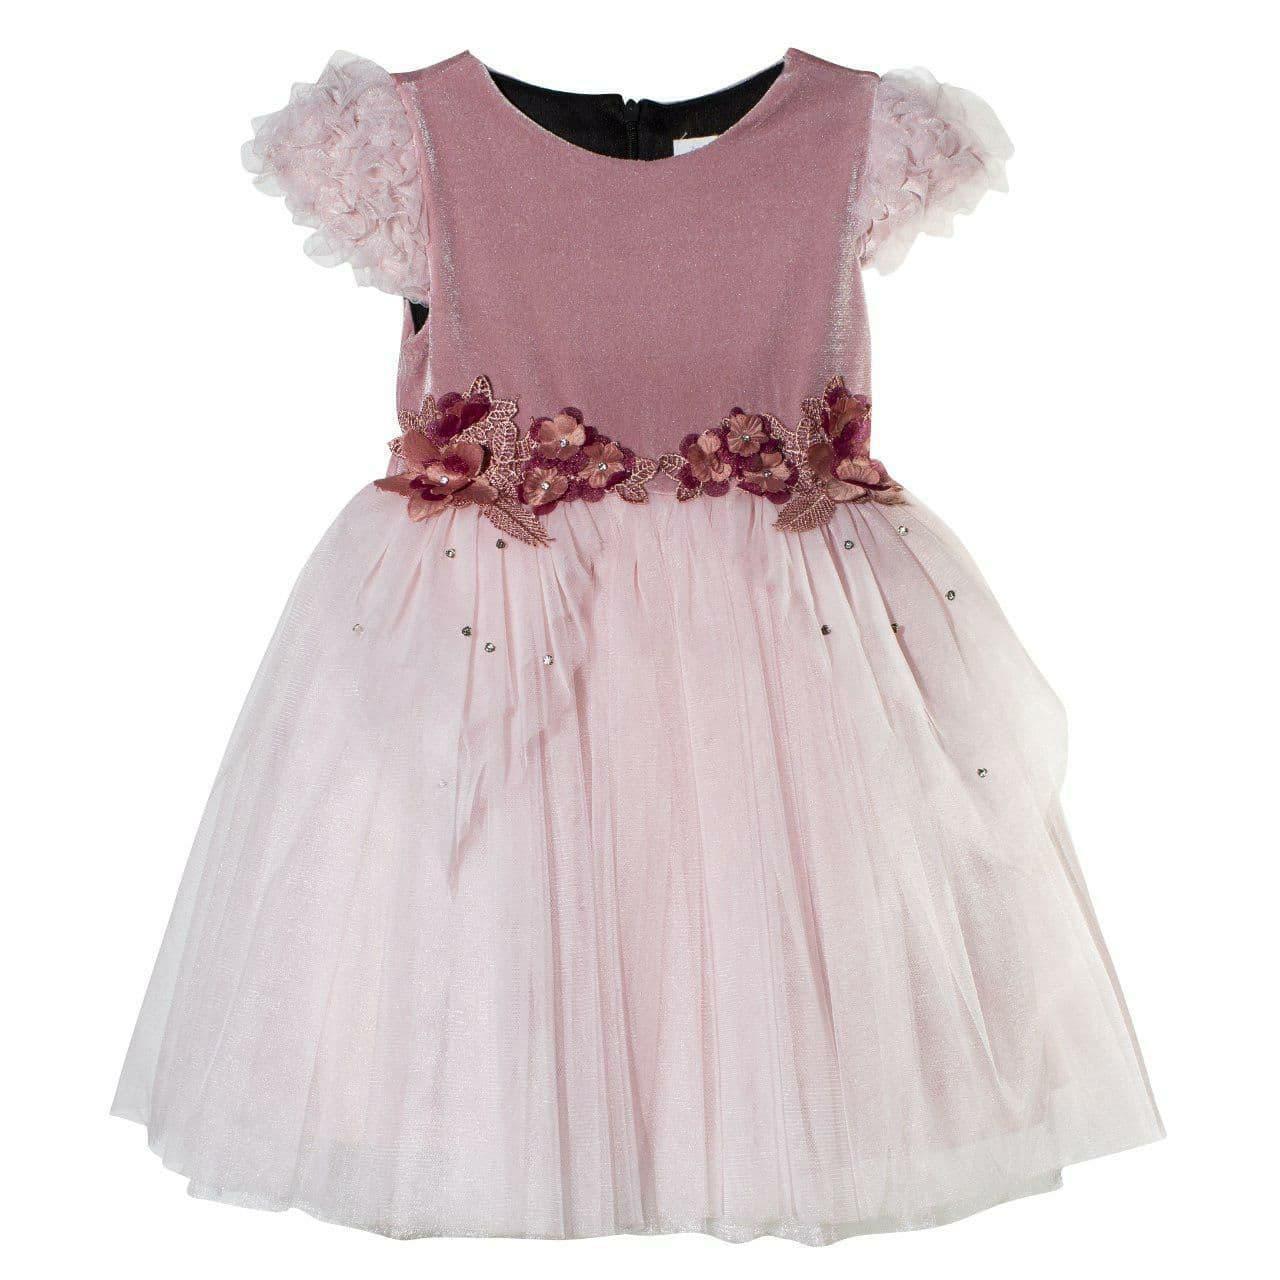 Нарядне плаття для дівчинки, 12 міс